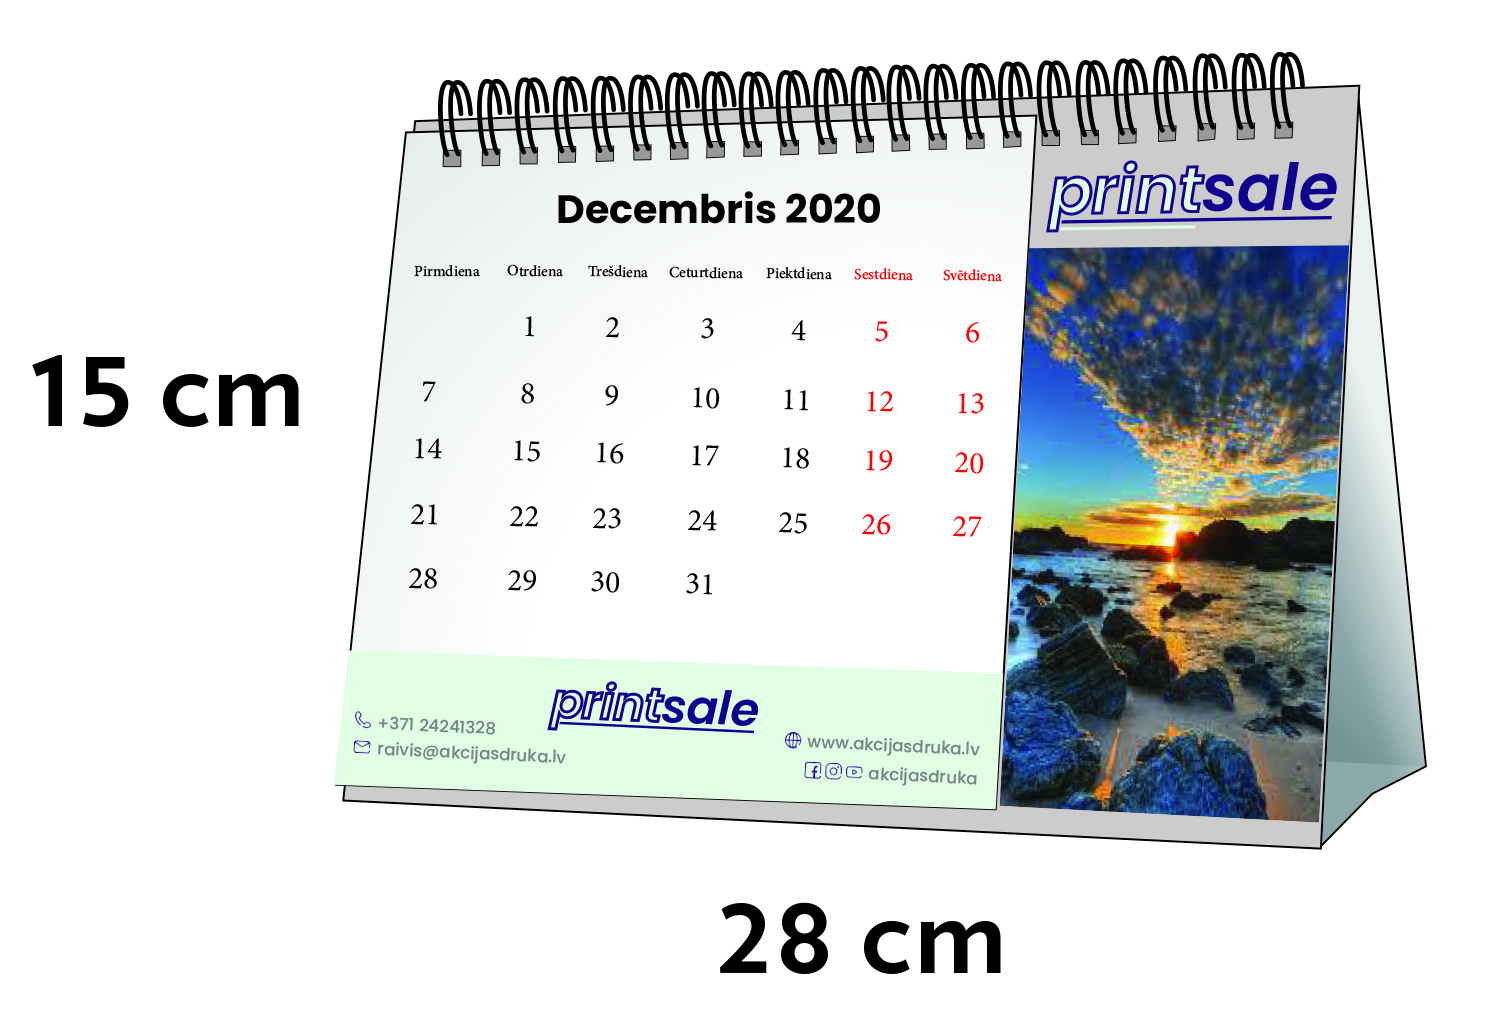 Galda kalendāru izgatavošana un druka